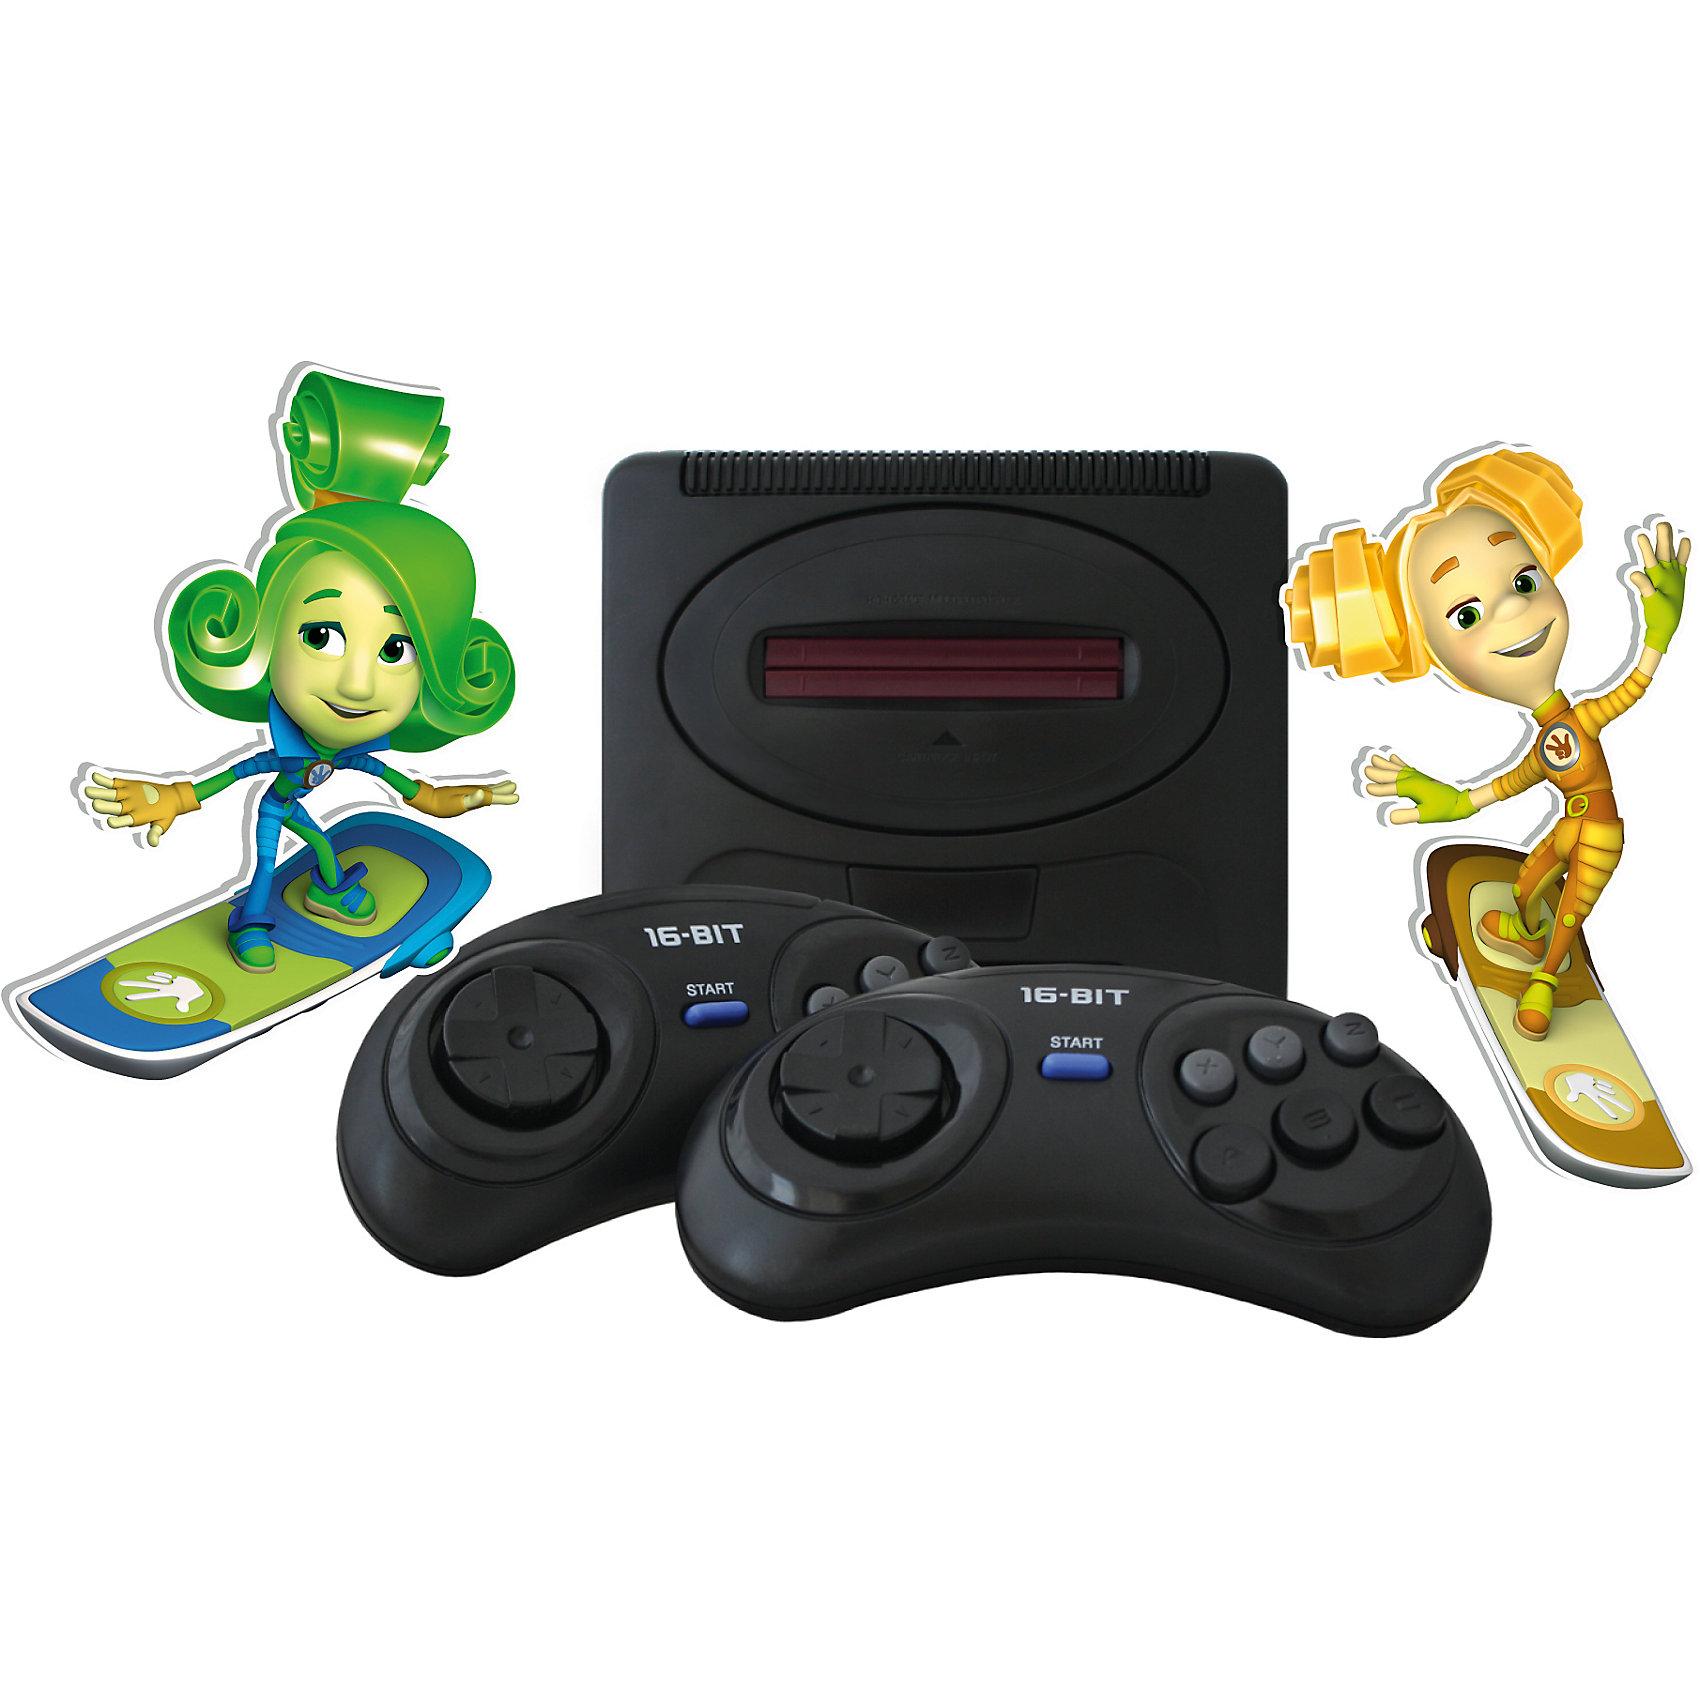 Телевизионная Фикси-приставка Mega Drive 2Телевизионная Фикси-приставка Mega Drive 2 – это классическая 16 битная игровая приставка, содержащая 25 разнообразных увлекательных игр.<br>Телевизионная Фикси-приставка Mega Drive 2- это игровая телевизионная приставка, объединившая в себе лучшие ценности 16-битного игрового мира. Телевизионная Фикси-приставка Mega Drive 2 обеспечивает качество игр на уровне аркадных игровых автоматов. А коллекция из 25 встроенных видеоигр не оставит равнодушным ни одного поклонника 16-битного геймплея: только самые популярные игровые хиты и любимые персонажи - Соник, Микки Маус, Черепашки Ниндзя, Том и Джерри, Червяк Джим и многие другие. Кроме развлекательной функции телевизионная Фикси-приставка Mega Drive 2 также помогает своими играми развивать память и смекалку. В частности игры из коллекции Mega Drive 2: повышают внимательность к деталям (разбросанные по уровням ключи), память, мышление; улучшают координацию движений (зрительно - двигательную моторику); улучшают зрительное восприятие (чувство пространства); развивают воображение.<br><br>Дополнительная информация:<br><br>- Комплектация: игровая приставка, 2 джойстика, сетевой адаптер, AV-кабель, инструкция, гарантийный талон<br>- Размер упаковки: 340х225х65 мм.<br>- Вес: 870 гр.<br><br>Телевизионную Фикси-приставку Mega Drive 2 можно купить в нашем интернет-магазине.<br><br>Ширина мм: 340<br>Глубина мм: 225<br>Высота мм: 65<br>Вес г: 870<br>Возраст от месяцев: 72<br>Возраст до месяцев: 144<br>Пол: Унисекс<br>Возраст: Детский<br>SKU: 4166843